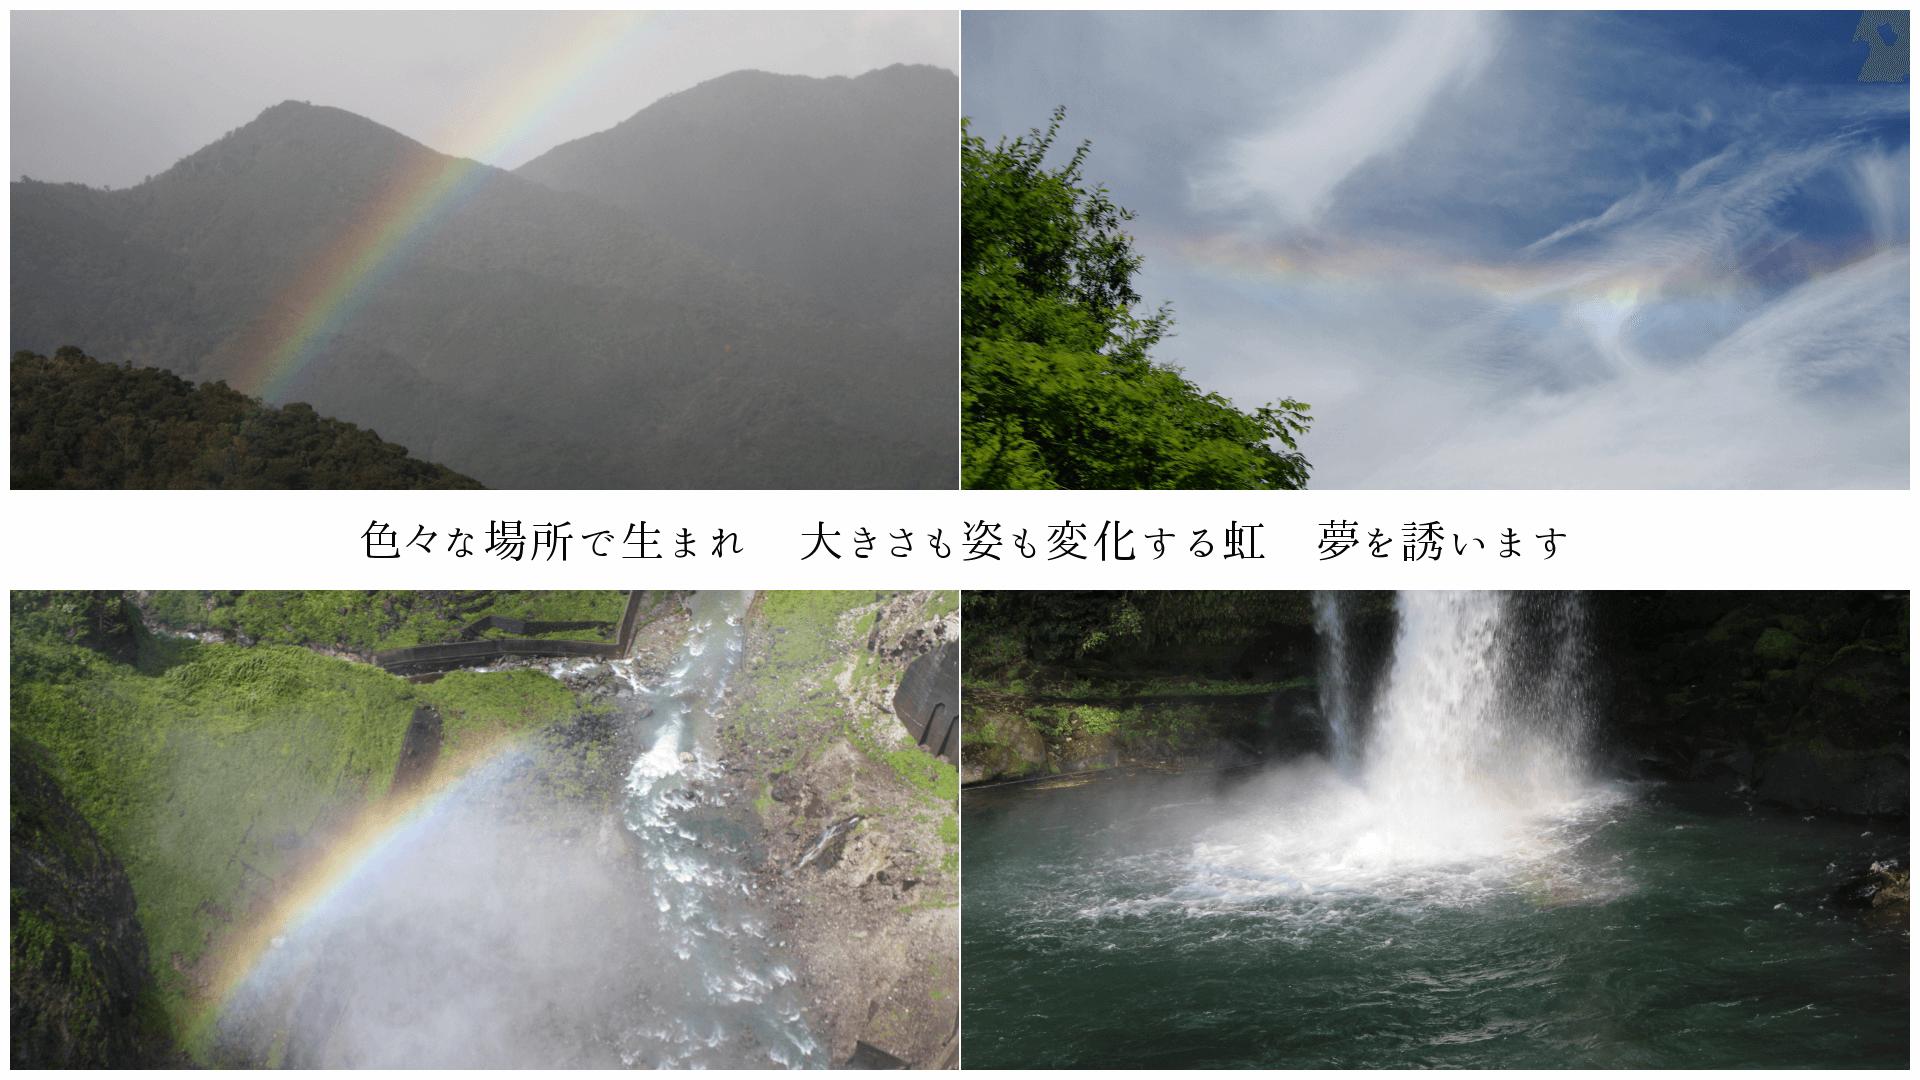 色々な場所で生まれ、大きさも姿も変化する虹、どれも夢を誘います